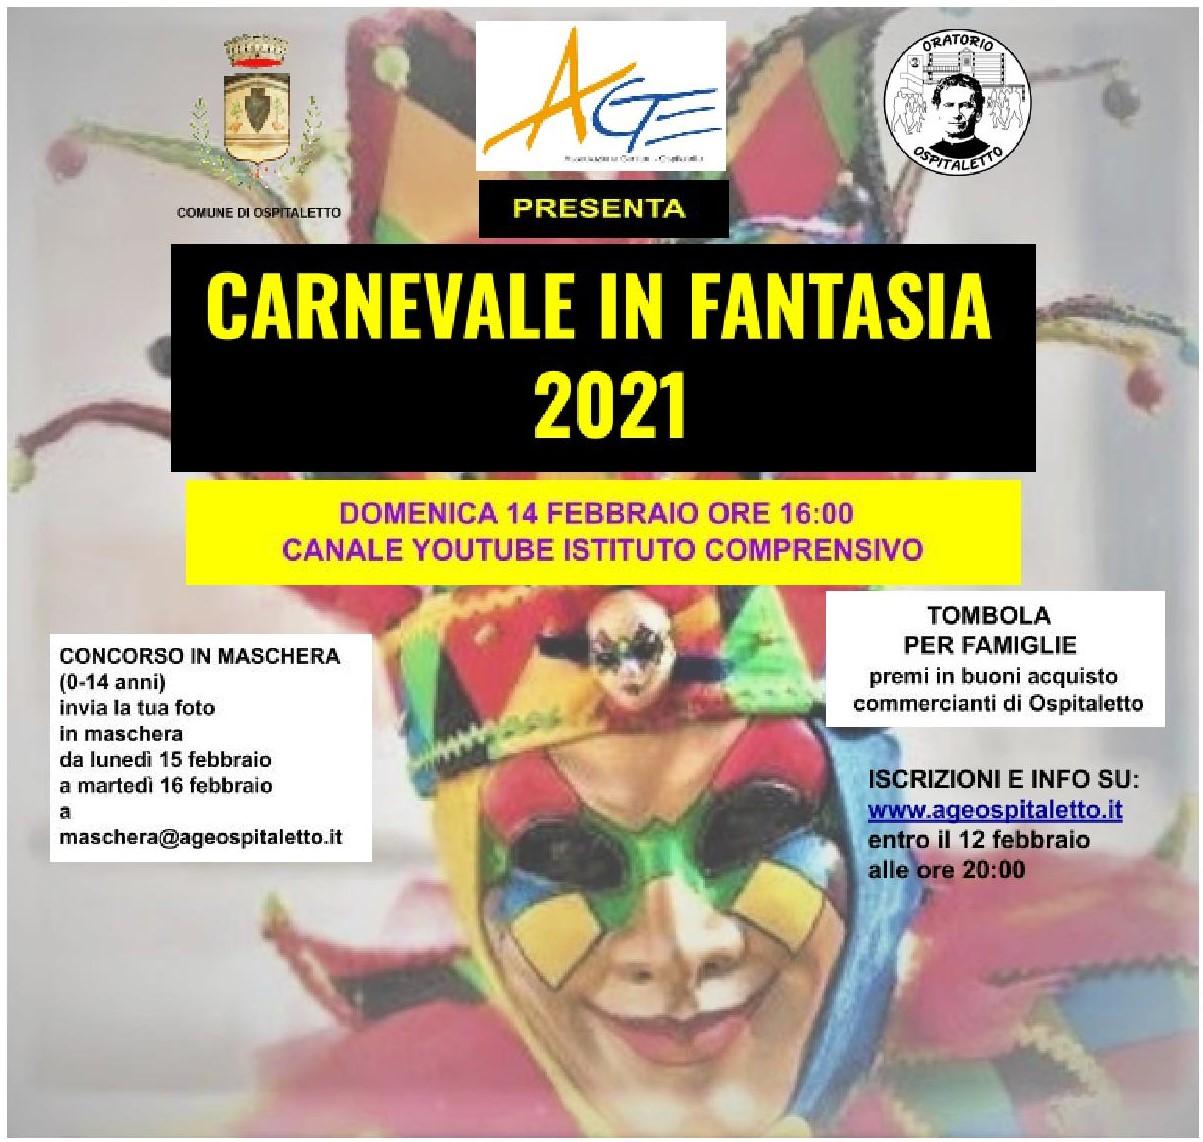 Carnevale in Fantasia 2021